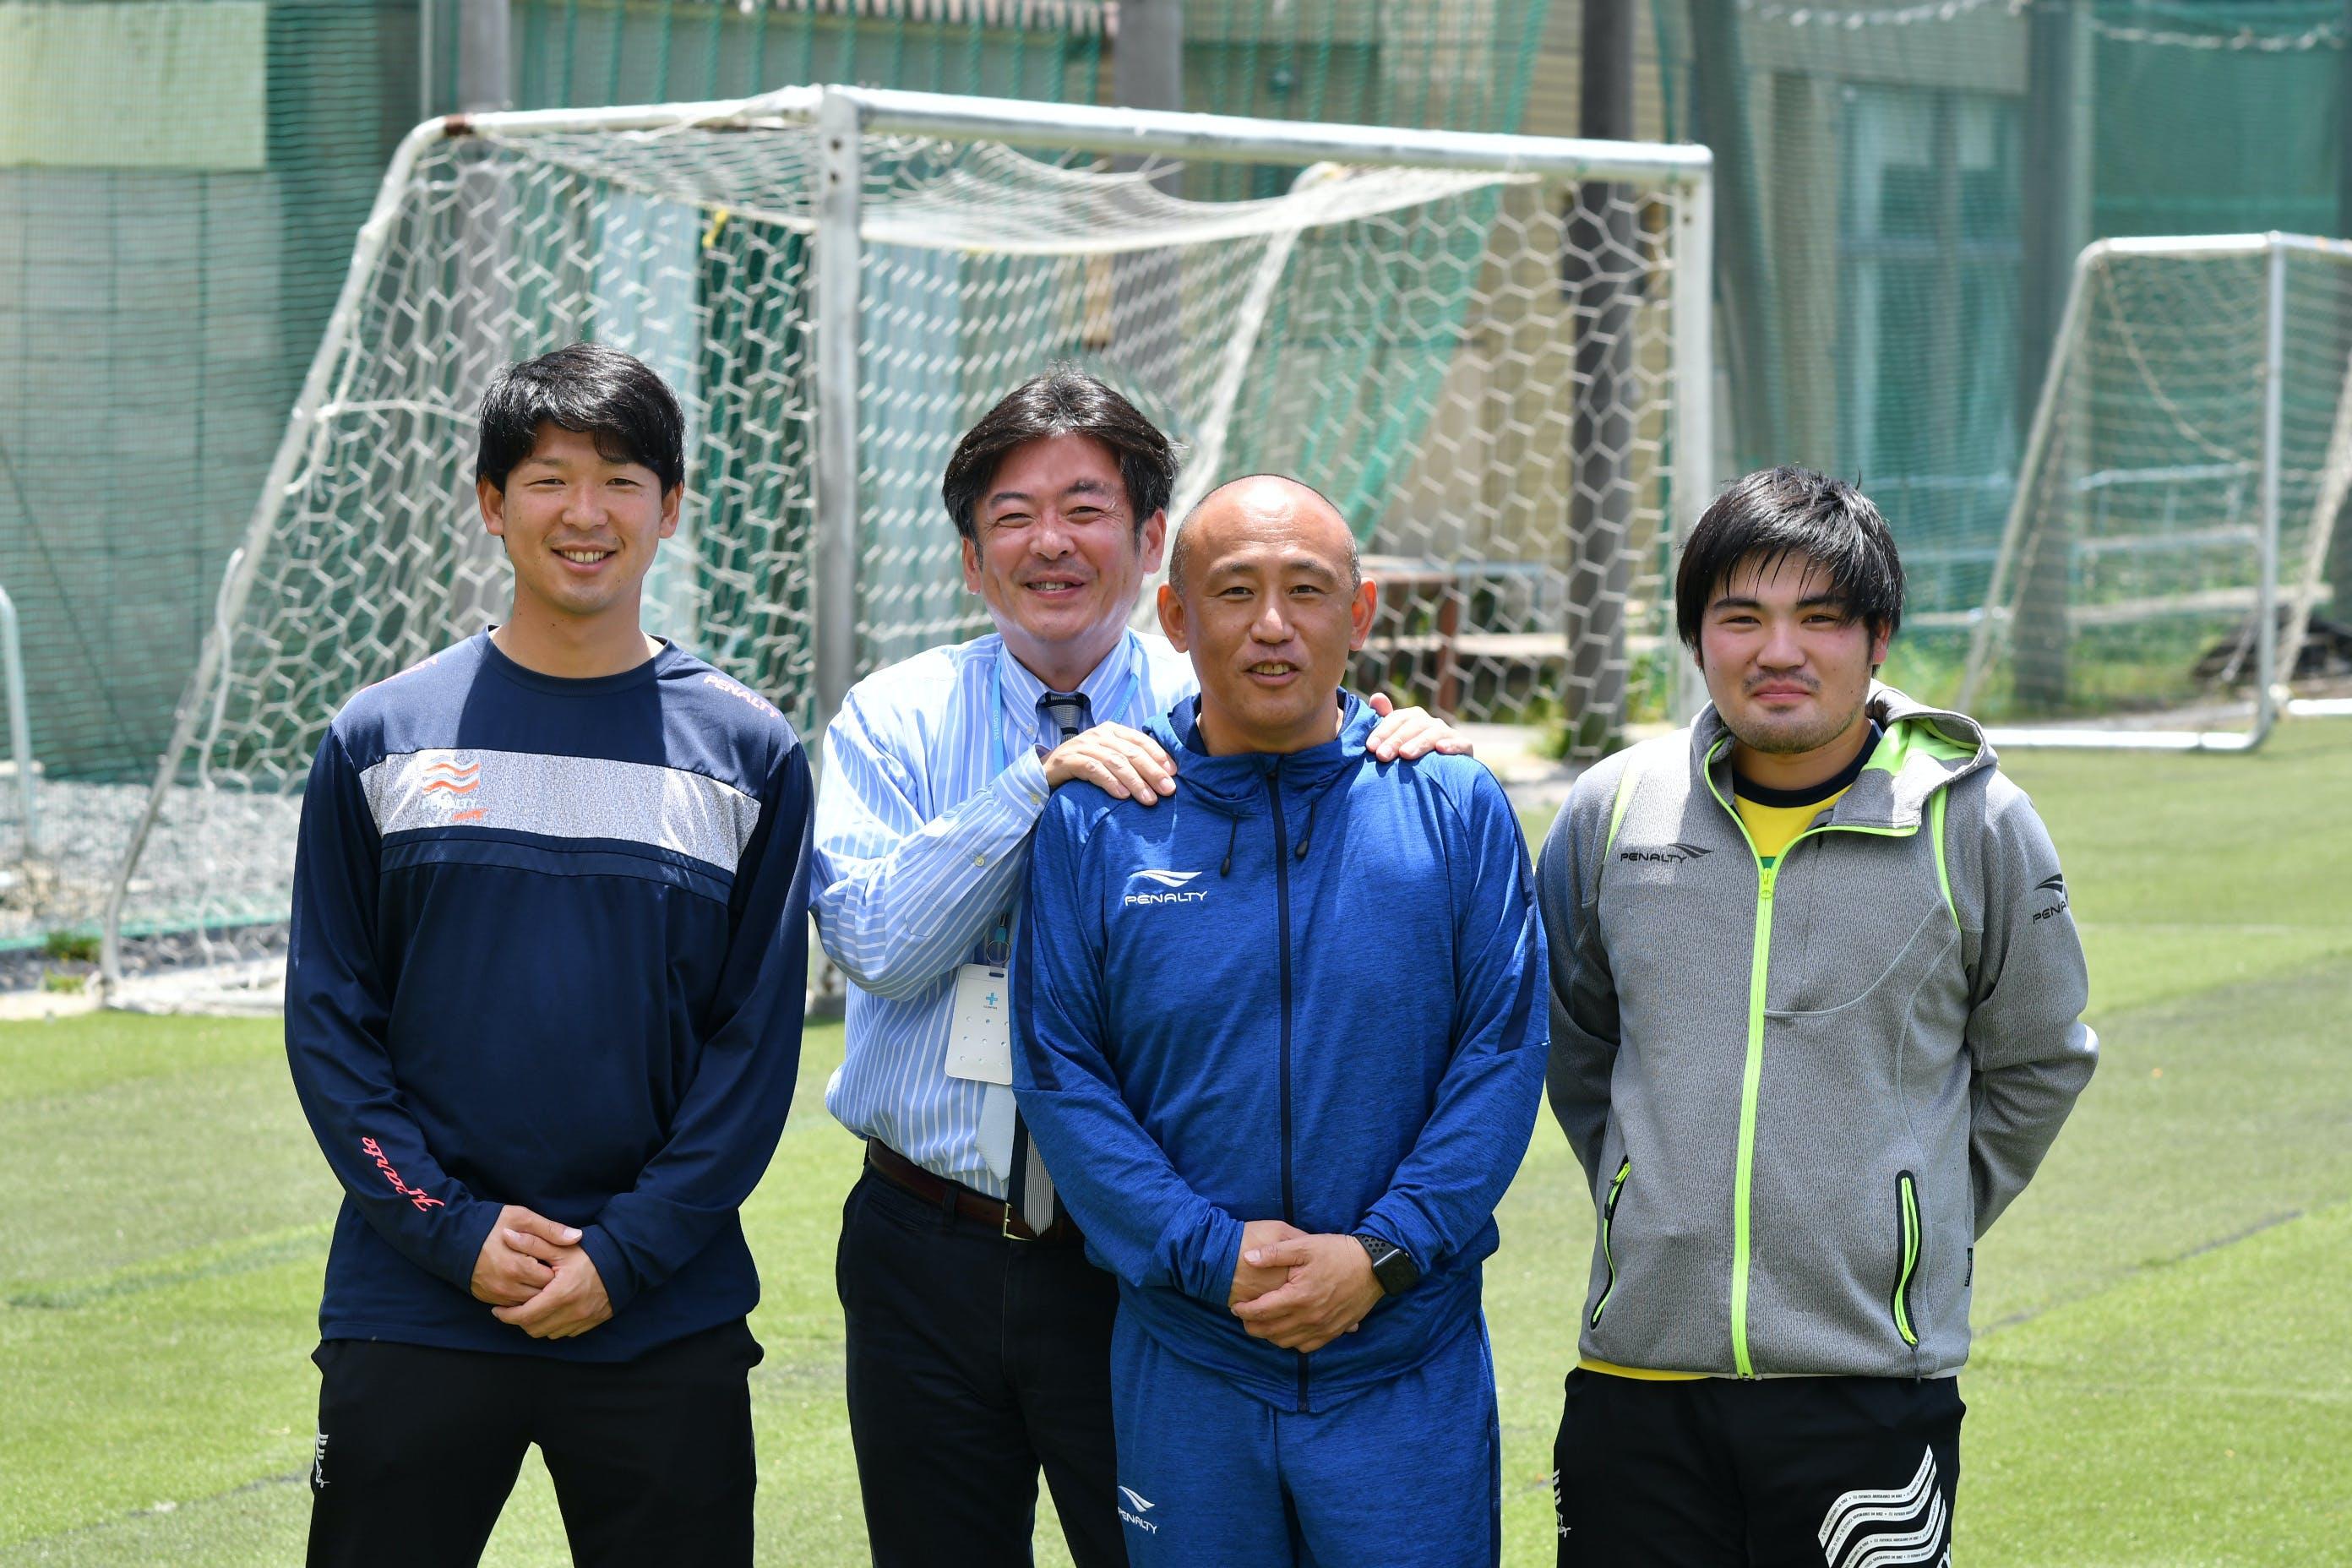 左から吉岡コーチ、㈱学校写真・蕪﨑さん、浜田監督、遠藤コーチ